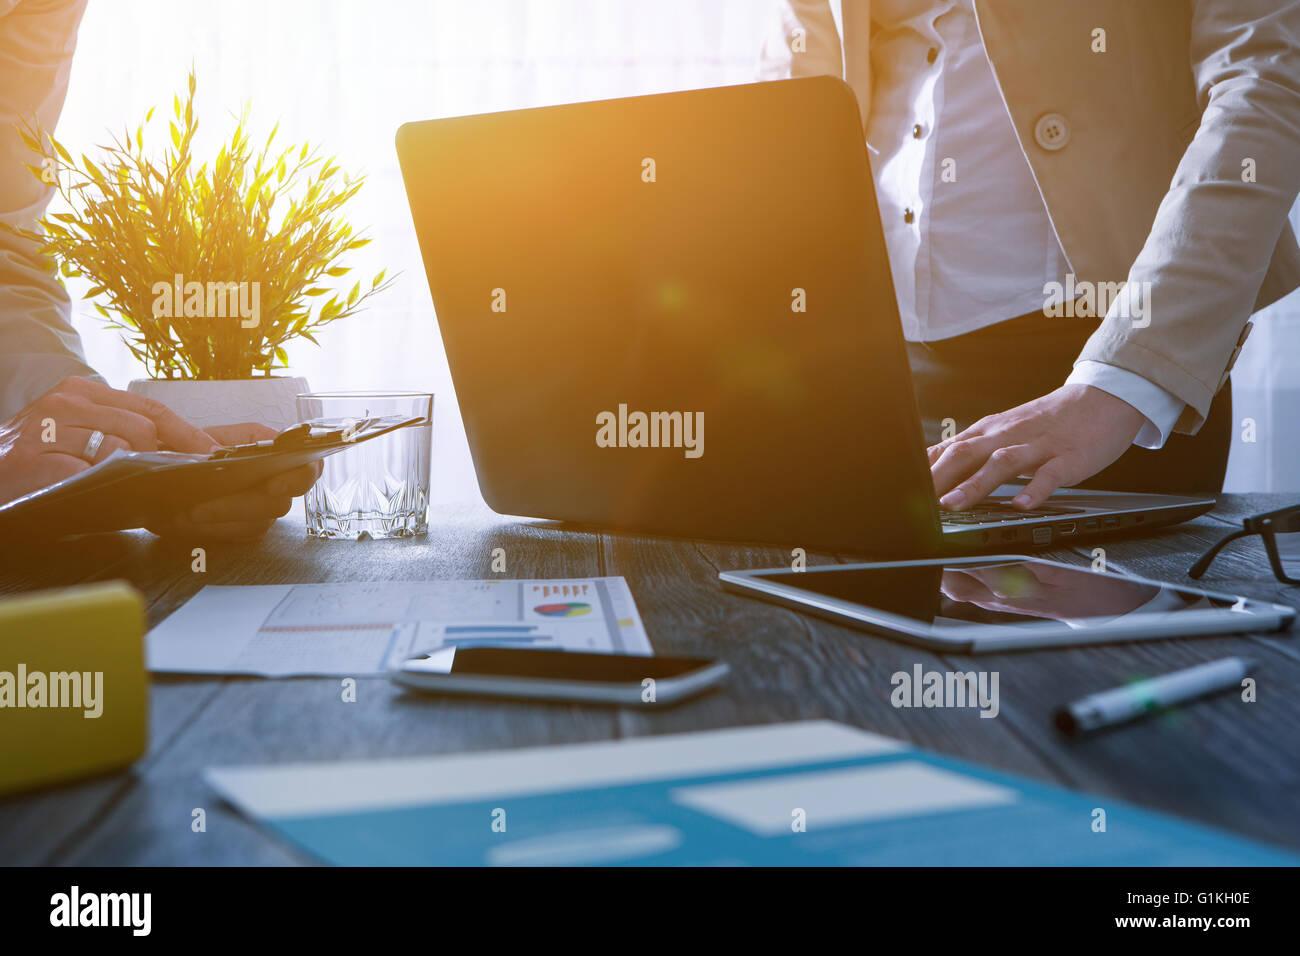 Carrière d'affaires planification horaire de travail ordinateur portable de travail - image Banque D'Images